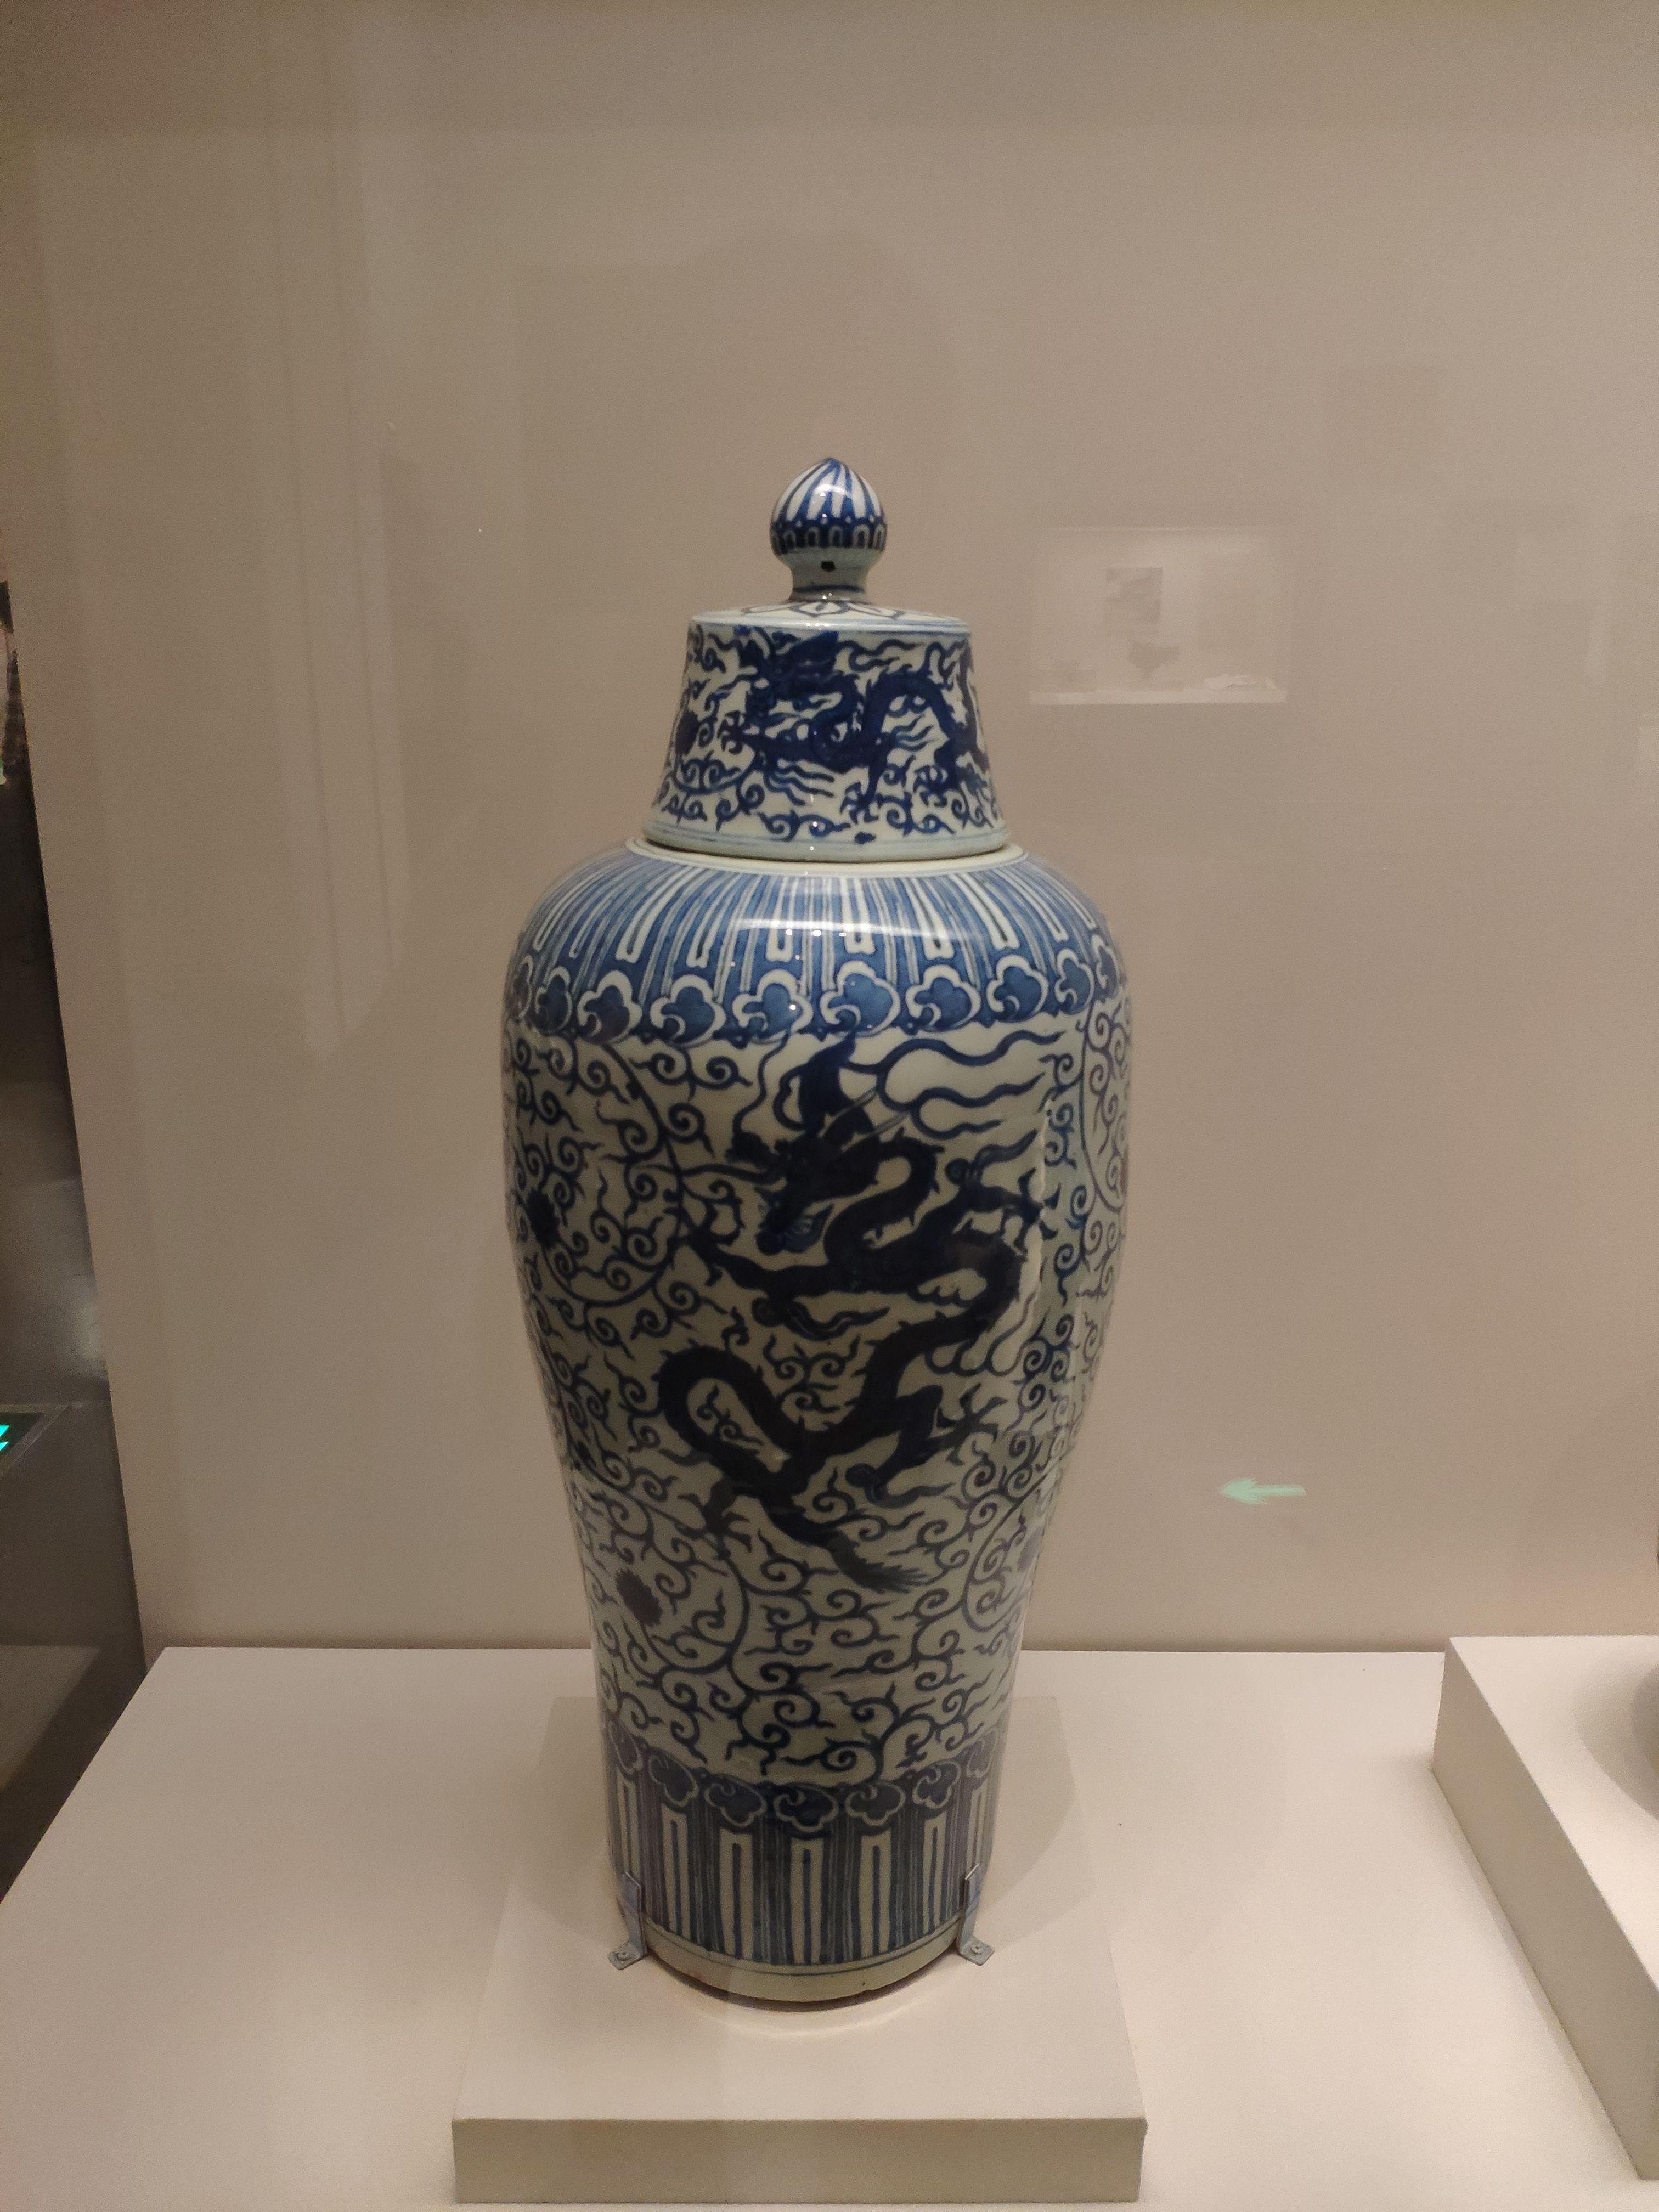 龙纹青花瓶